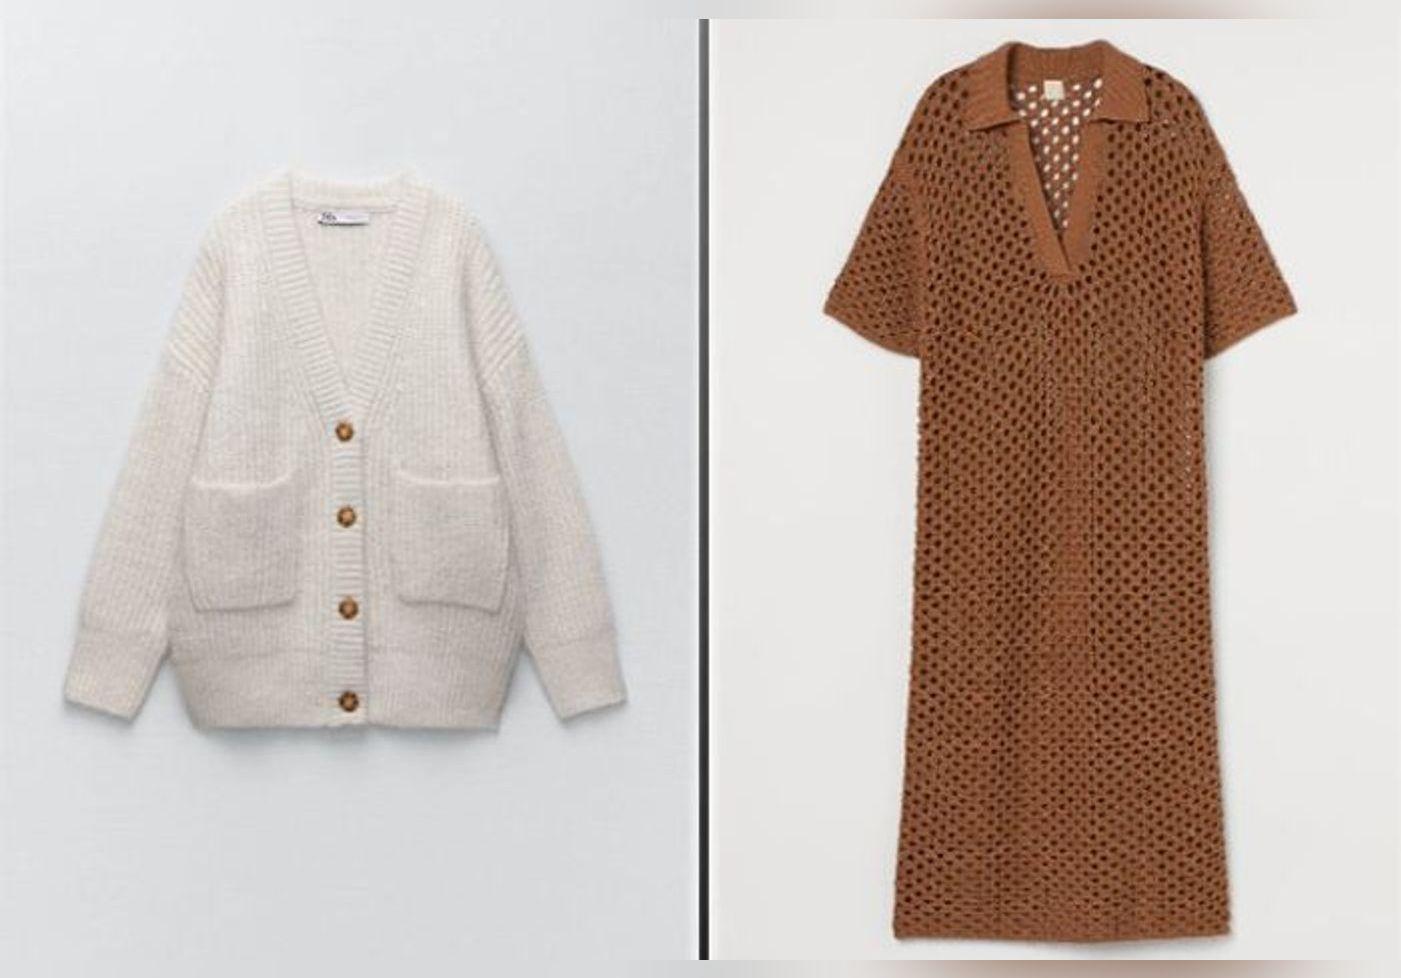 Vestiaire d'automne : on shoppe les pièces tendance à petits prix !